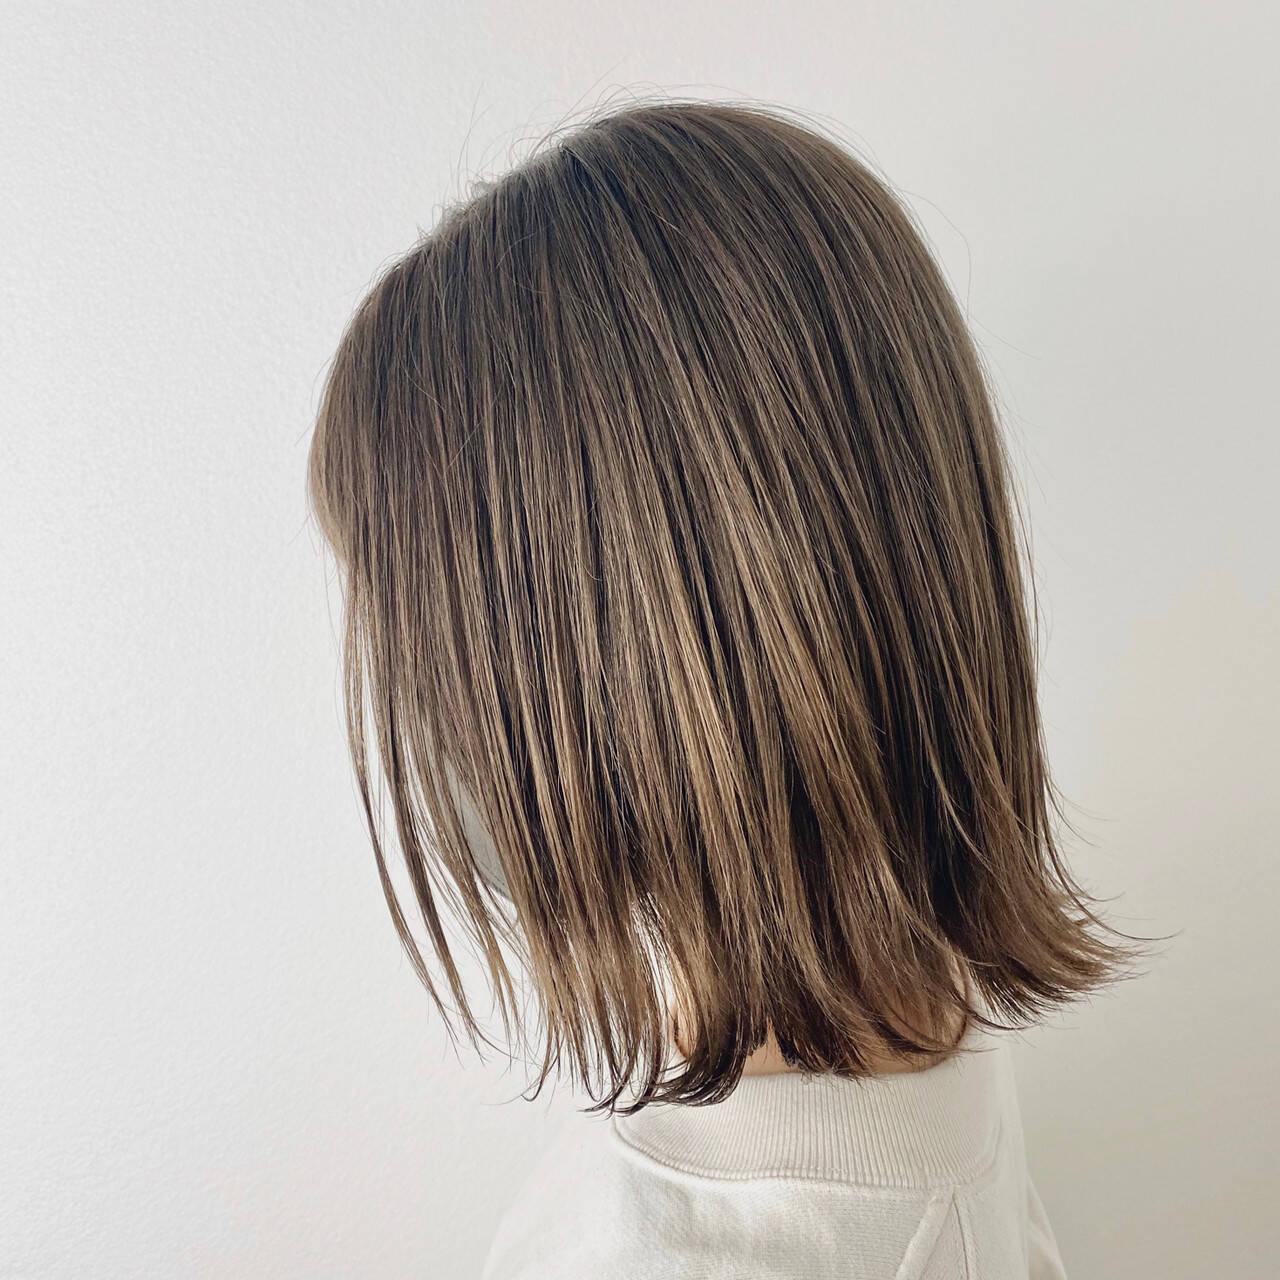 ミディアム 切りっぱなしボブ ミディアムレイヤー ストリートヘアスタイルや髪型の写真・画像